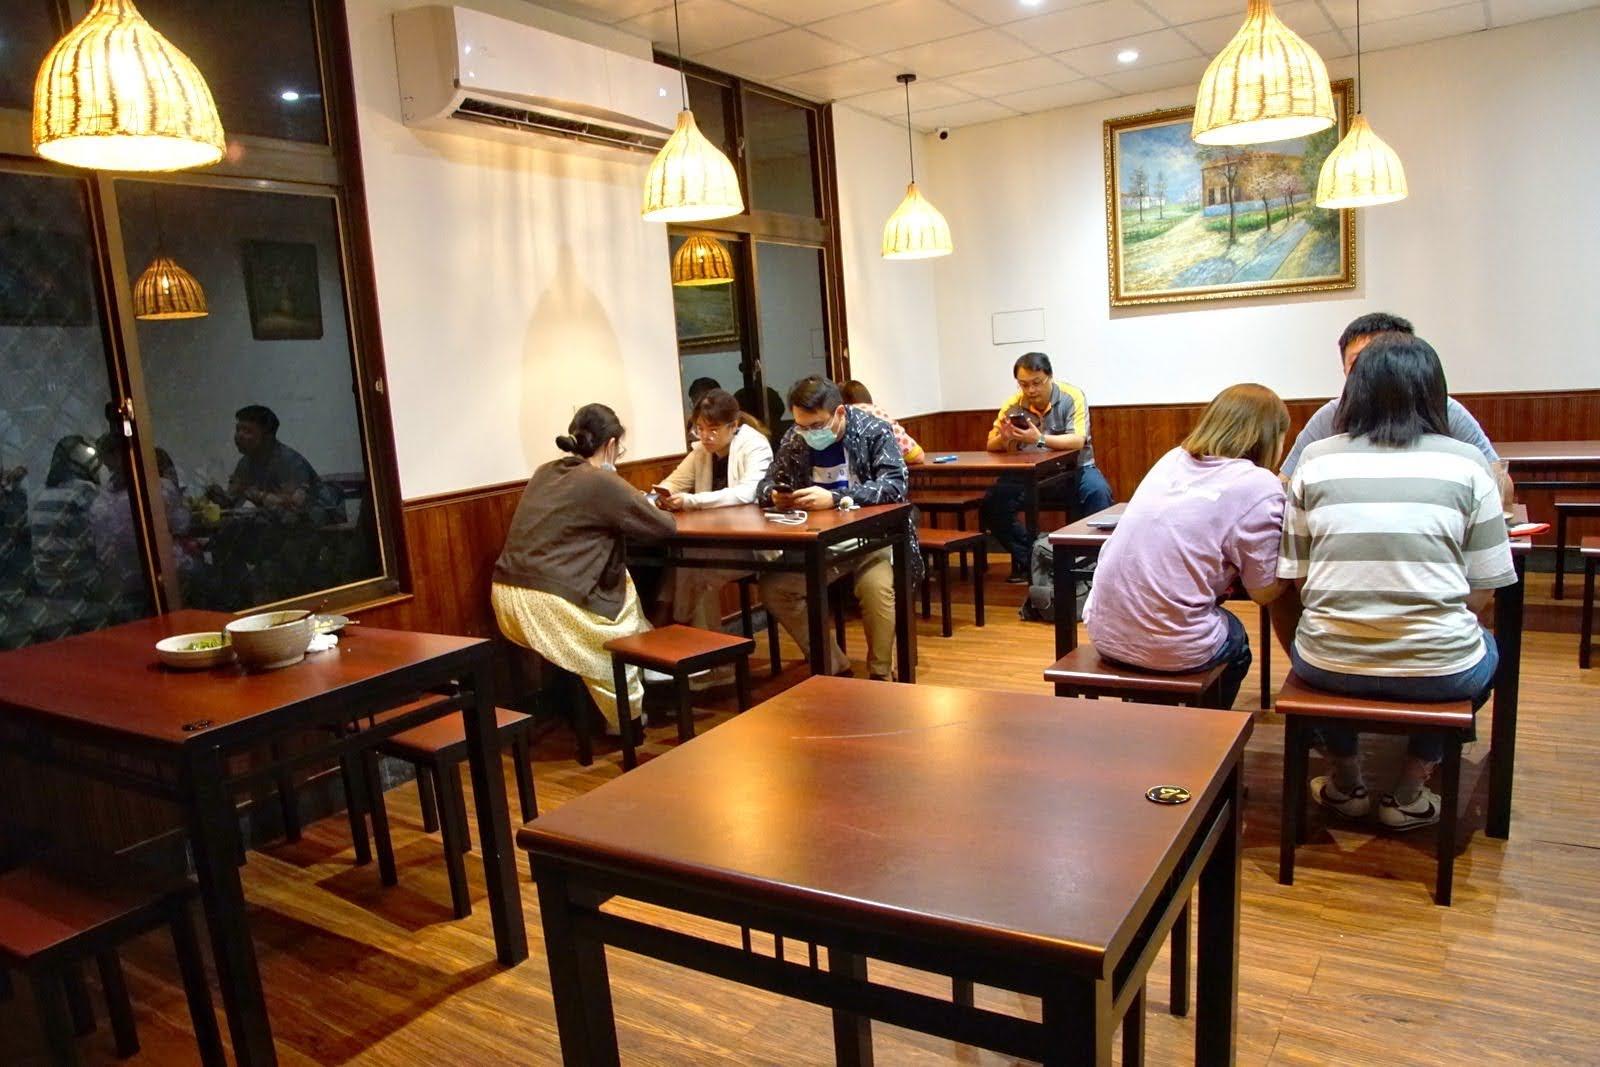 [台南][南區] 無理泰泰|泰式料理|隱身巷弄中的泰式小店|食記